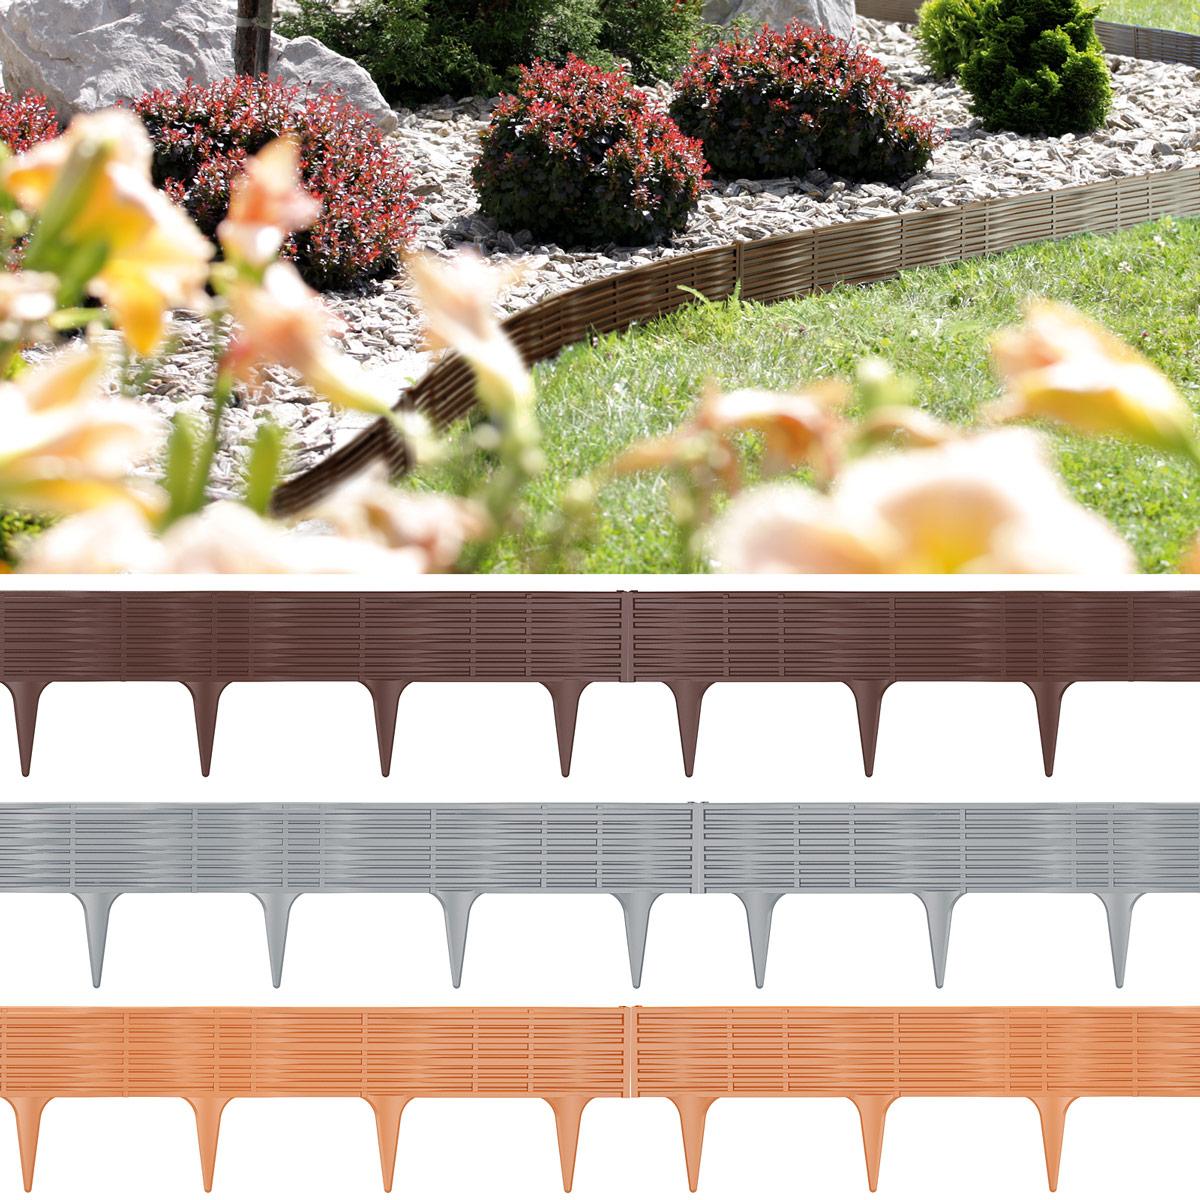 Bordure De Jardin Rebord De Jardin Pelouse Parterre Palisade  # Bordure De Jardin Suisse